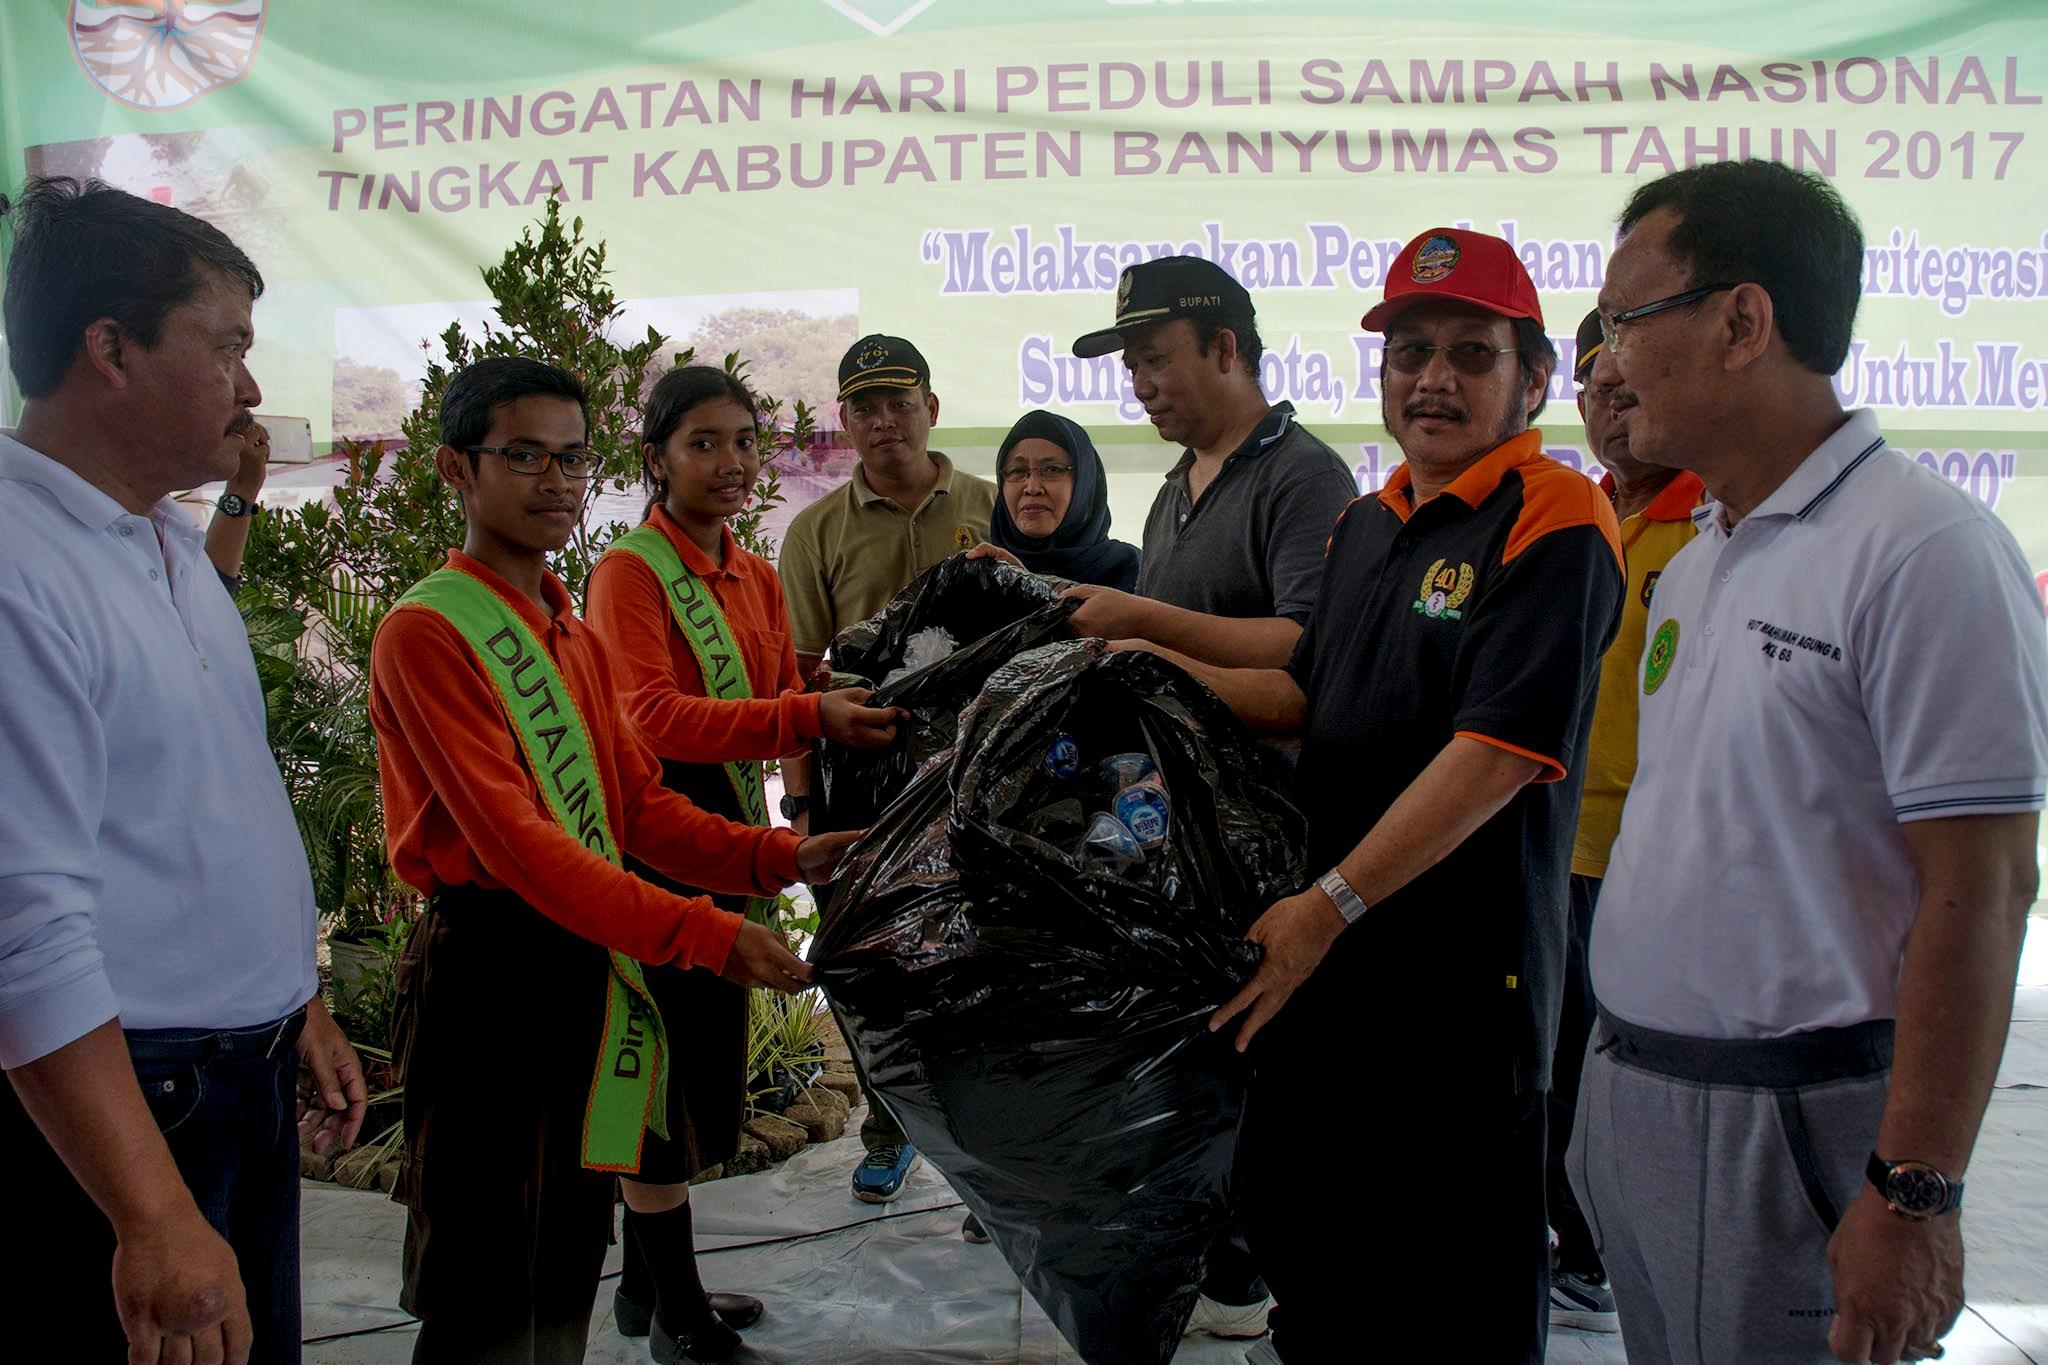 Bupati Banyumas Achmad Husein bersama Wakil Bupati Budhi Setiawan saat meresmikan program pengumpulan sampah oleh ASN di Banyumas